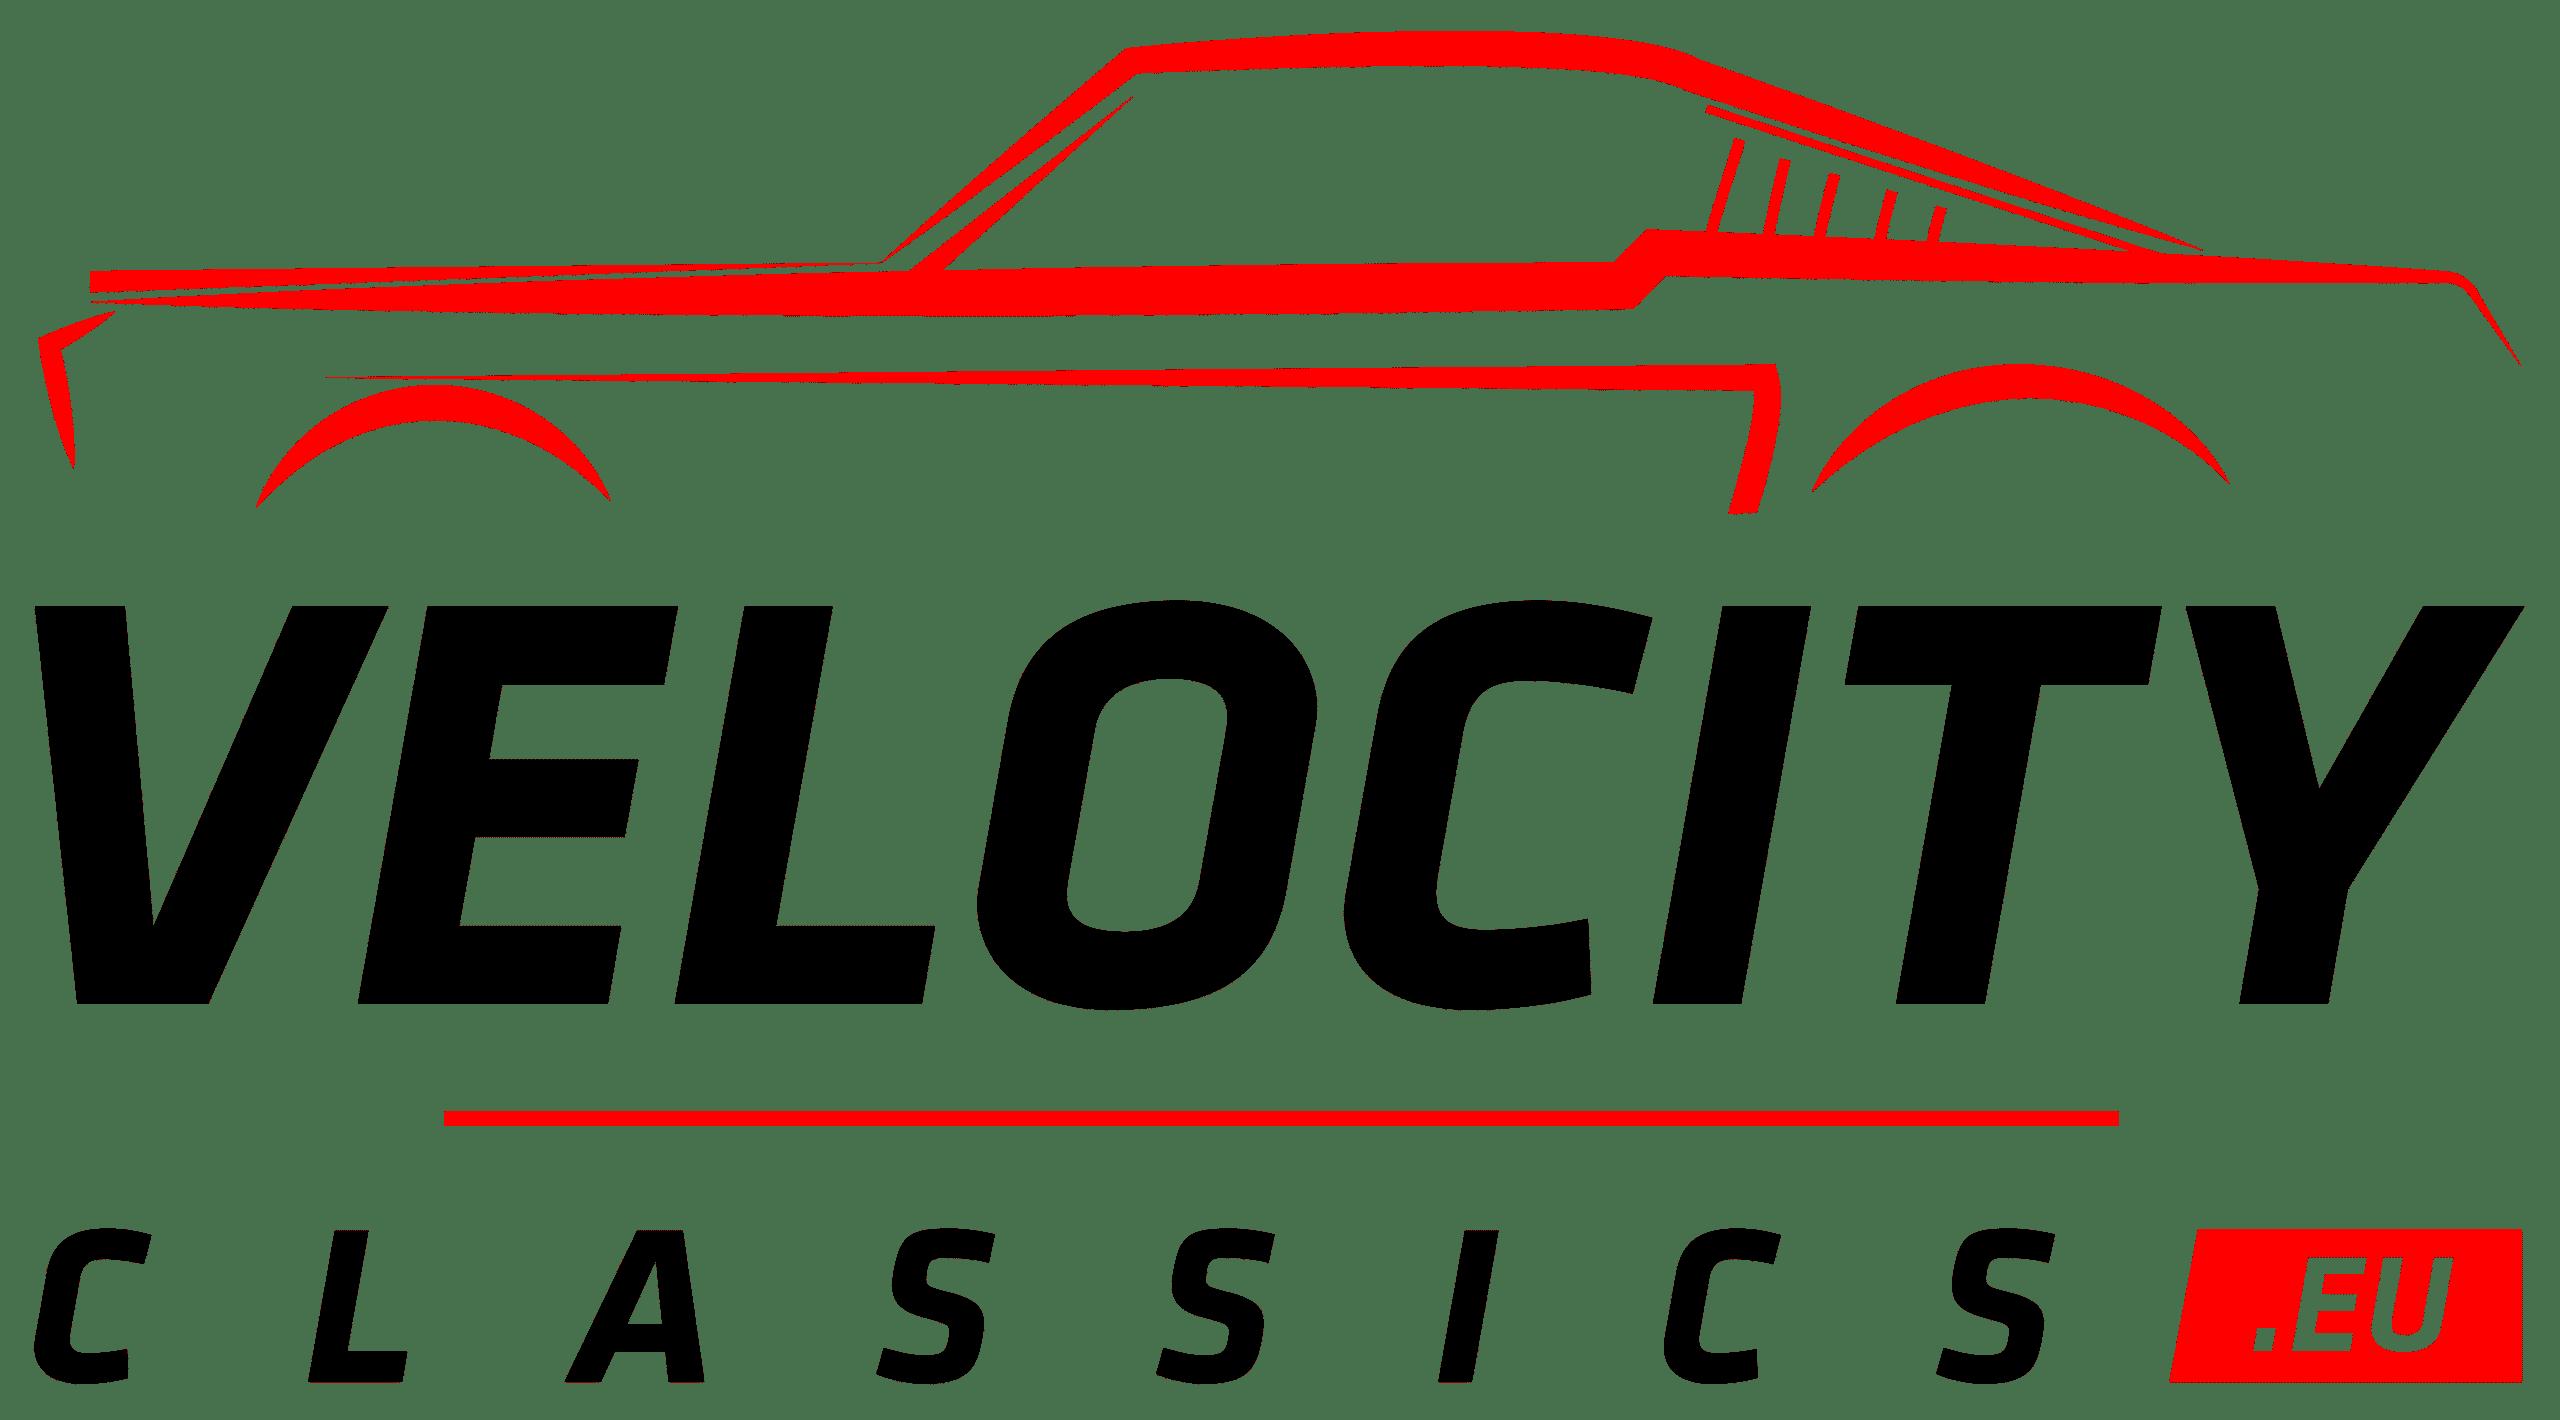 Velocity Classics